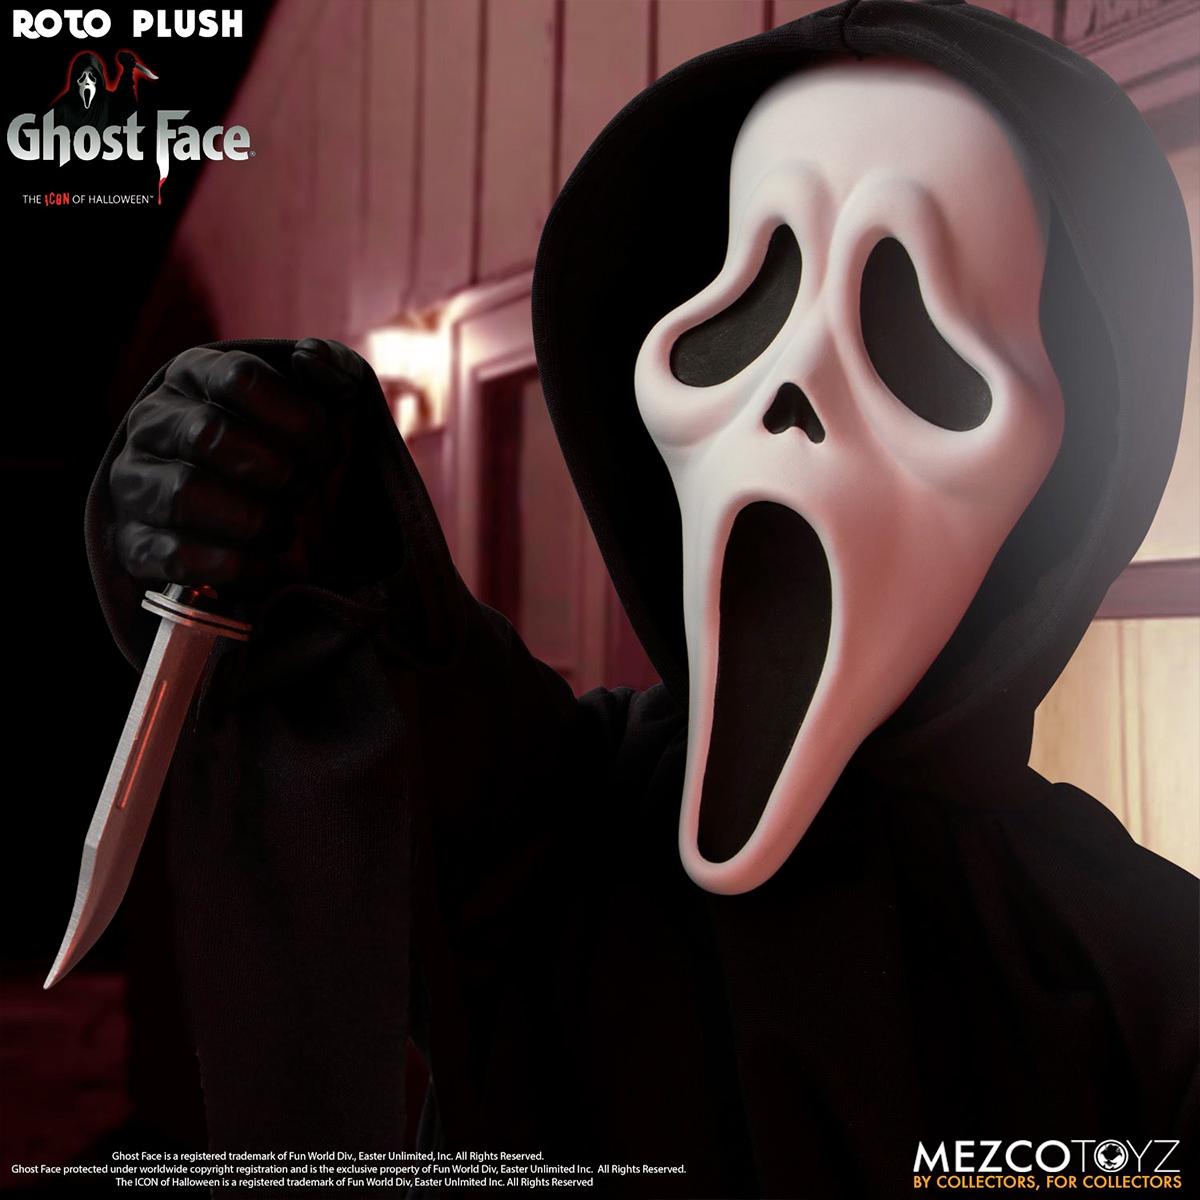 Boneco Ghost Face MDS Roto Plush Doll